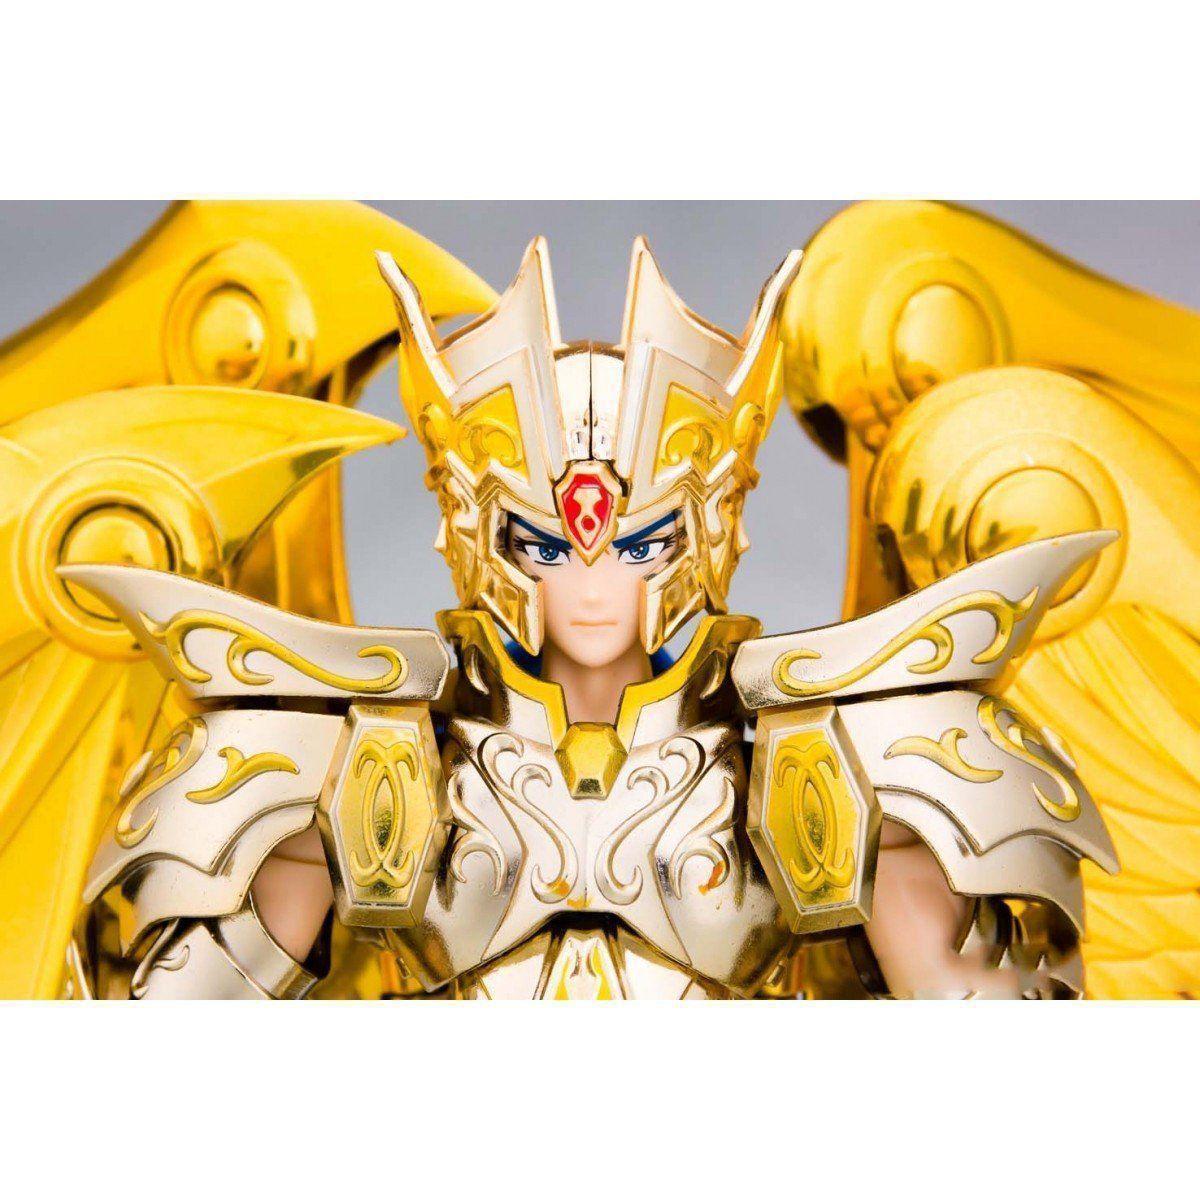 Boneco Saga de Gêmeos (Gemini Saga): Os Cavaleiros do Zodíaco Saint Cloth Myth Ex: Saga Premium Set - Bandai